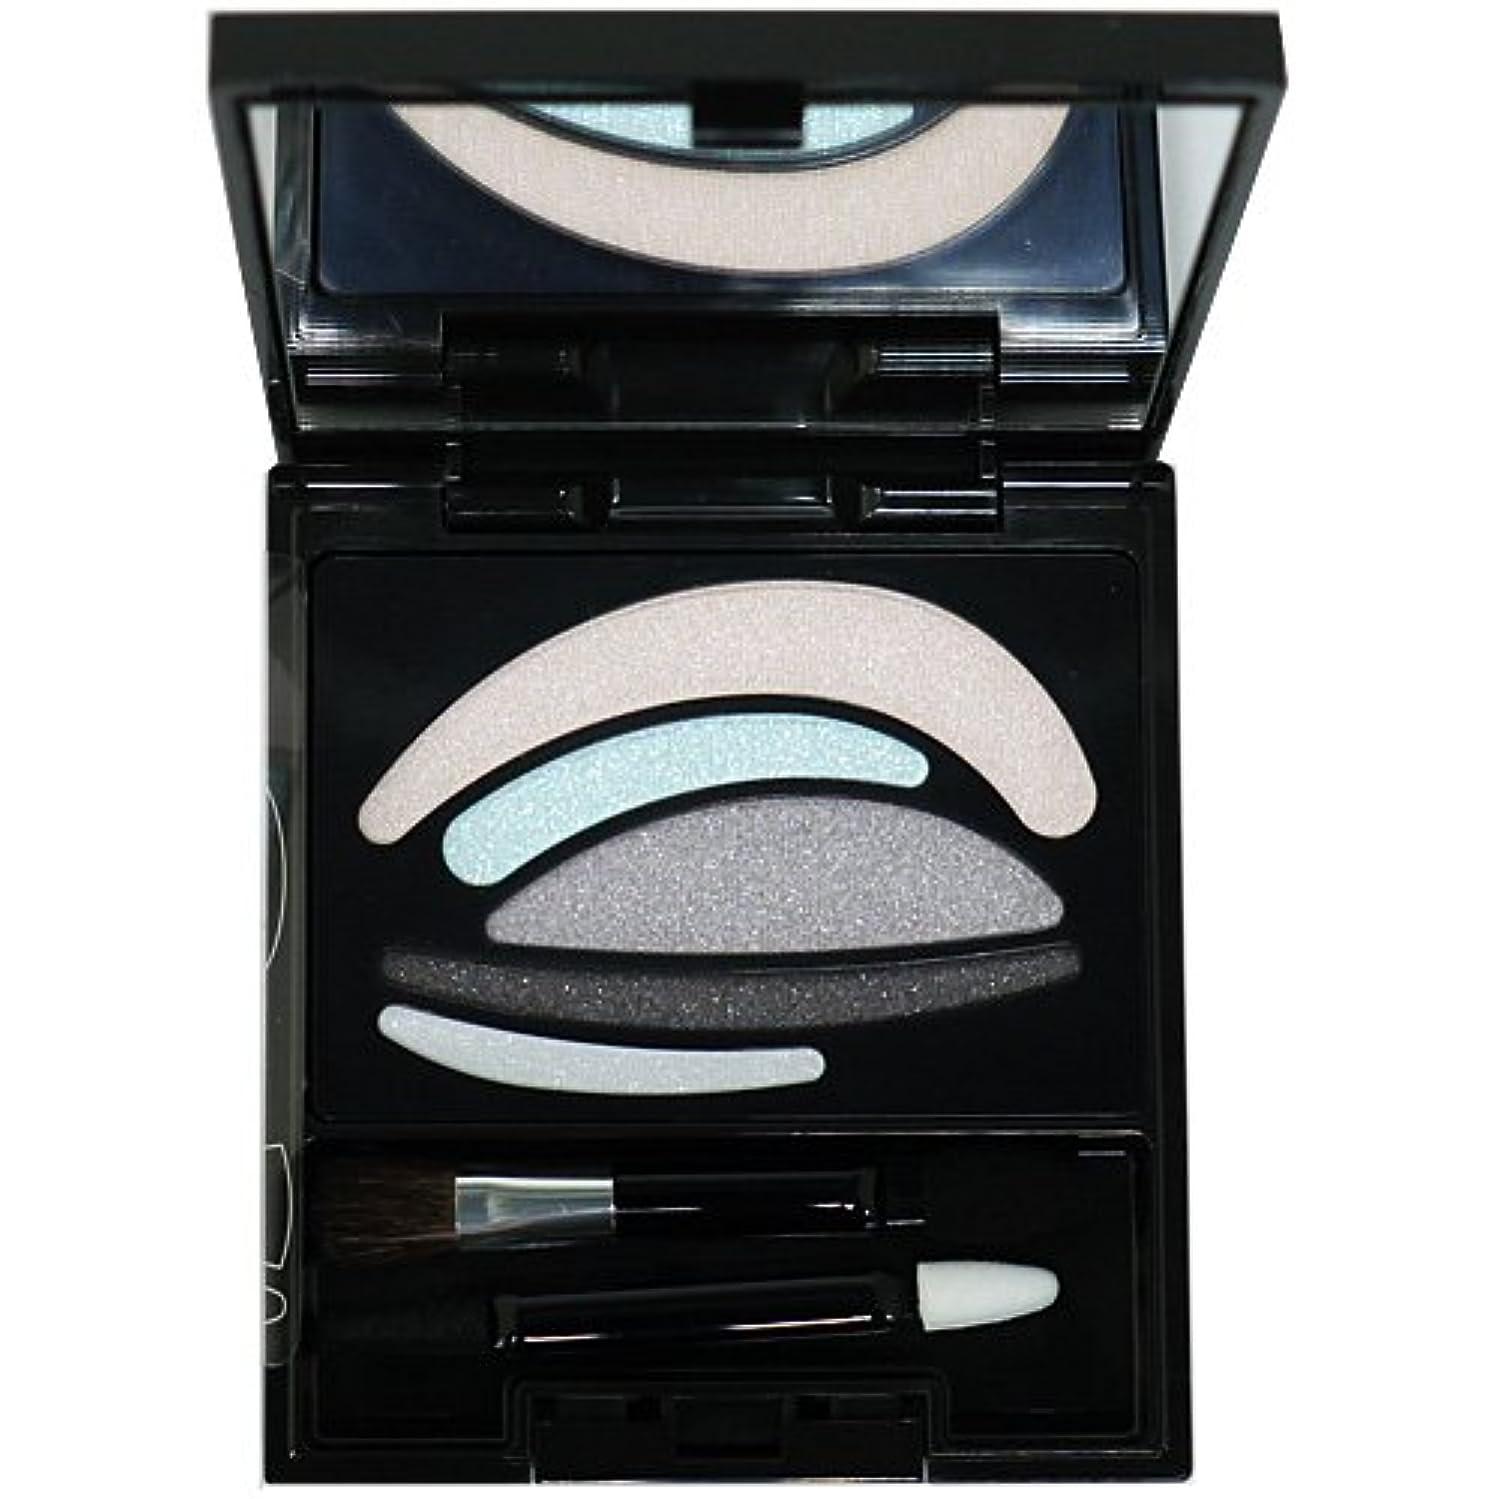 花王ソフィーナ オーブクチュール(AUBE couture)デザイニングインプレッションアイズⅡ3.1g カラー:505グリーン系